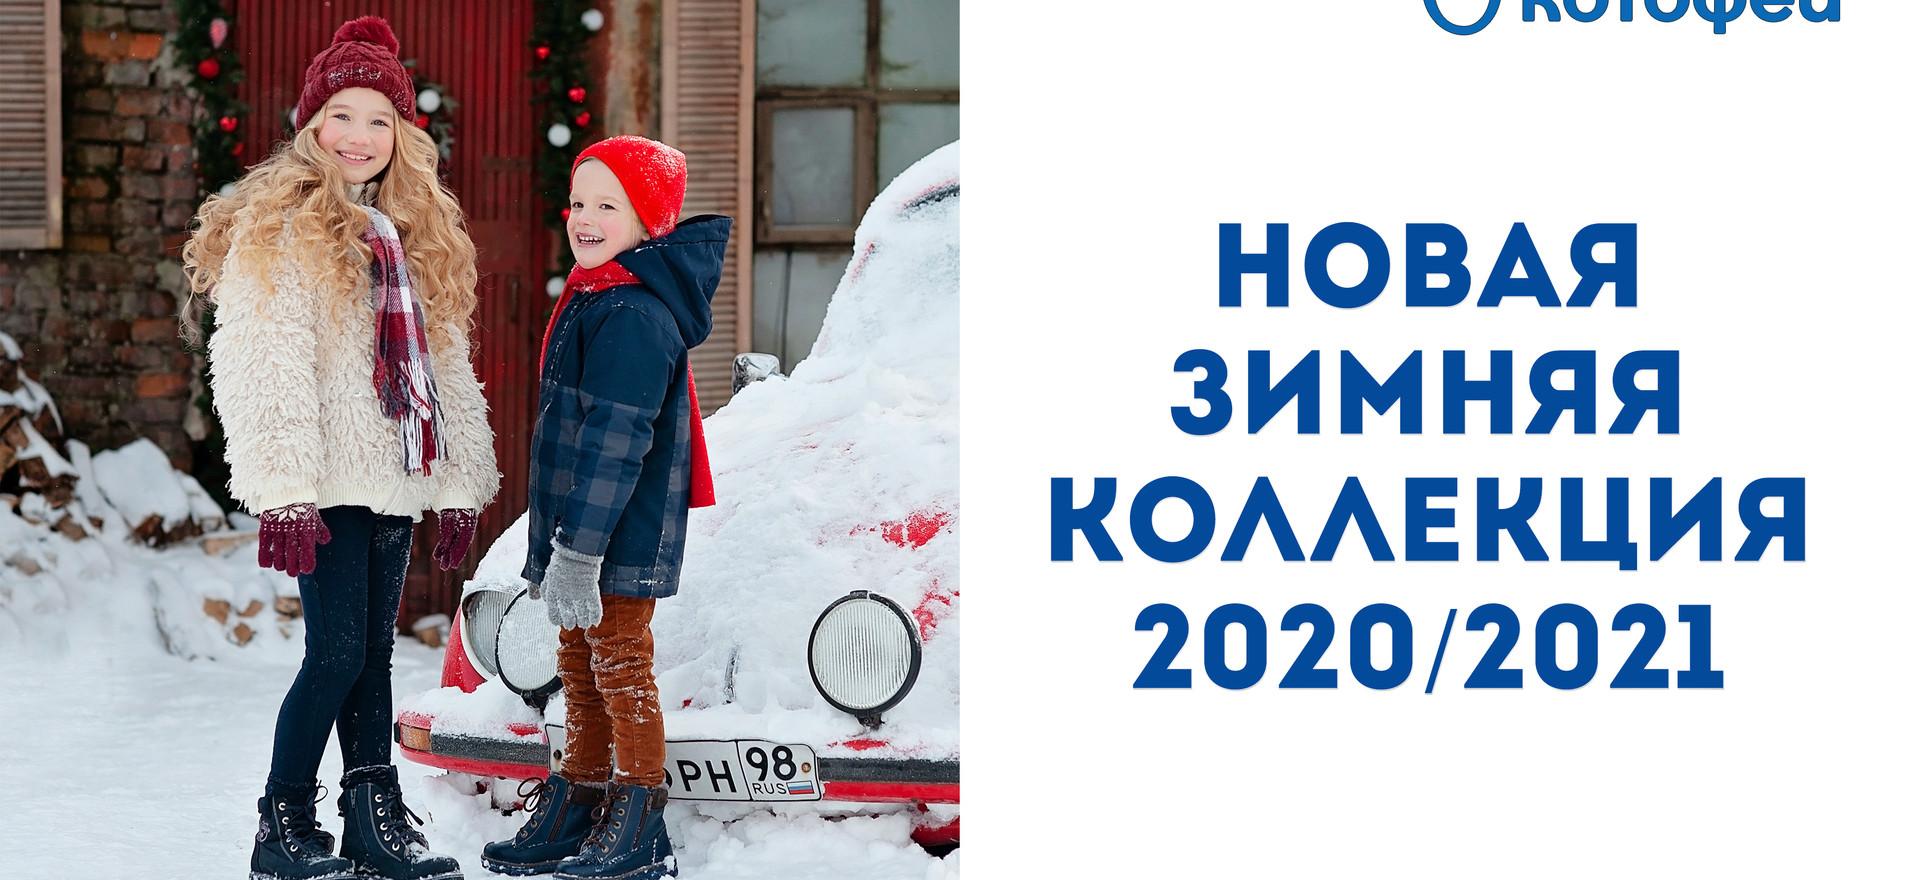 Котофей Спб Галерея.jpg